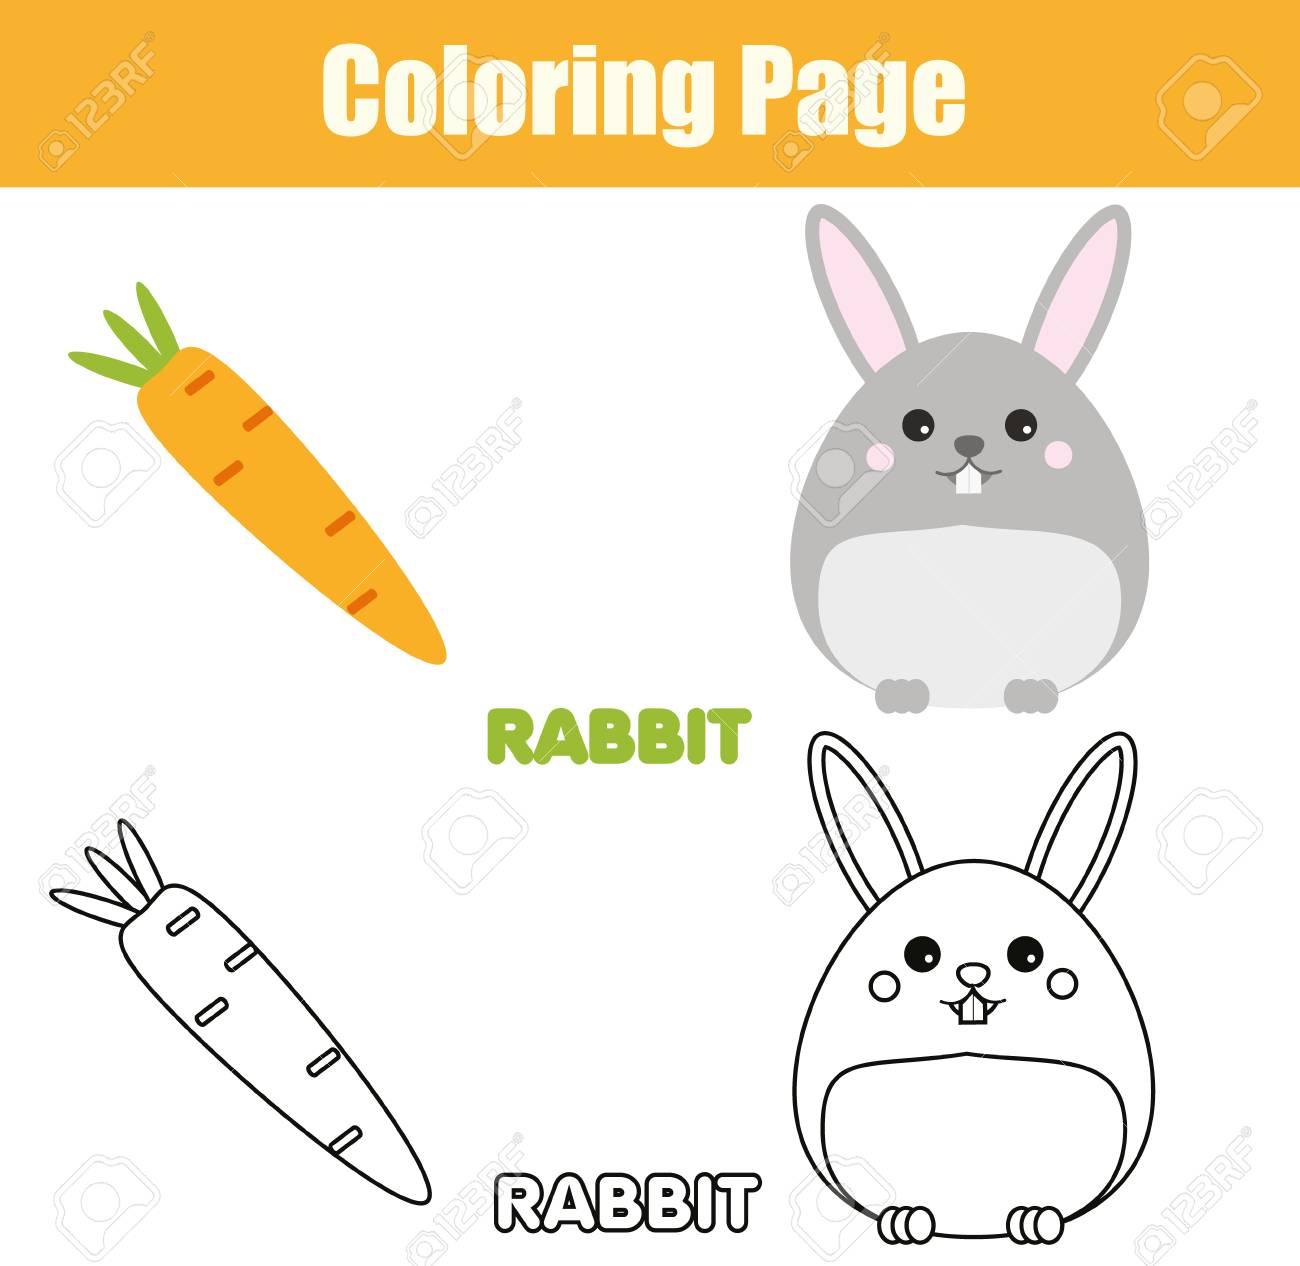 Vettoriale Pagina Da Colorare Con Coniglio Personaggio Da